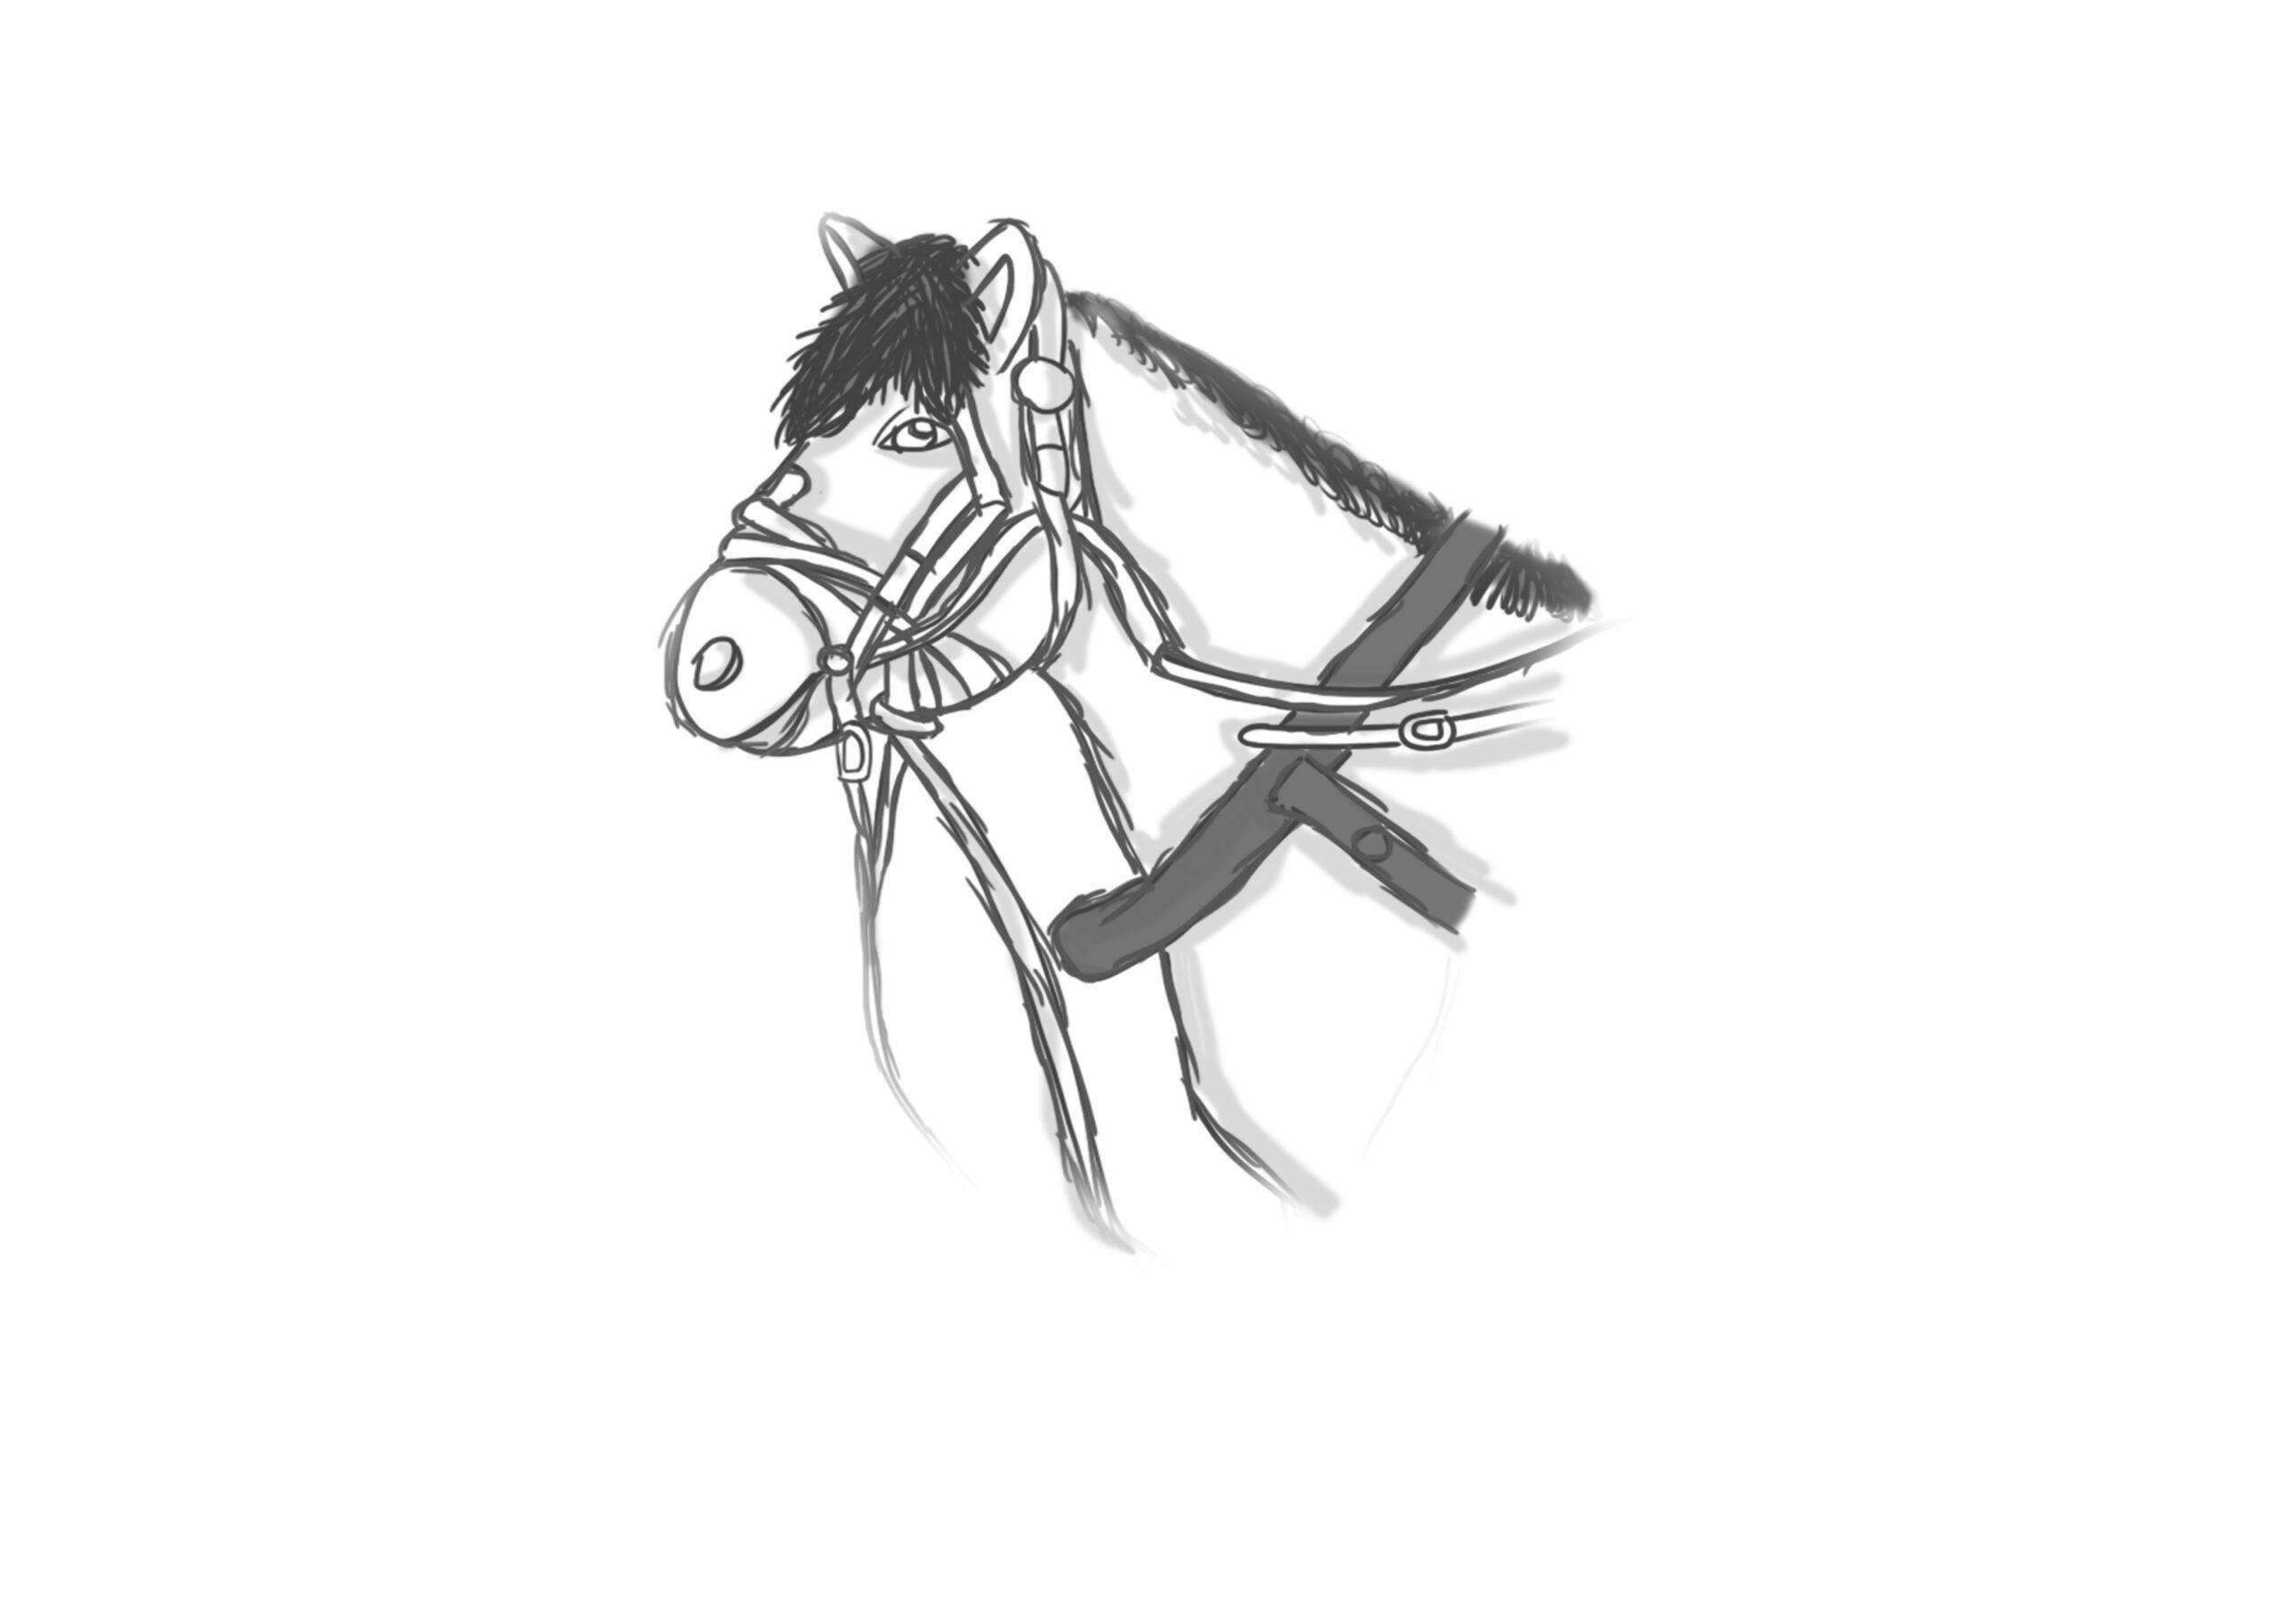 ChnDesign.no CHN chn design illustration ai ps lr wp camilla noddeland chndesign foto veileder grafisk design logo sleksbok re-design telemarksavisa prosjekt oppdrag tegning simpsons coco bokdesign avisdesign emballasjedesign blomsterbok musiskkplakat skriftdesign tidsskrift veifinningsystem adobe canon hjem telemark vestfold norge reklame skiltmaker grenland støtteelement drawing illustrator